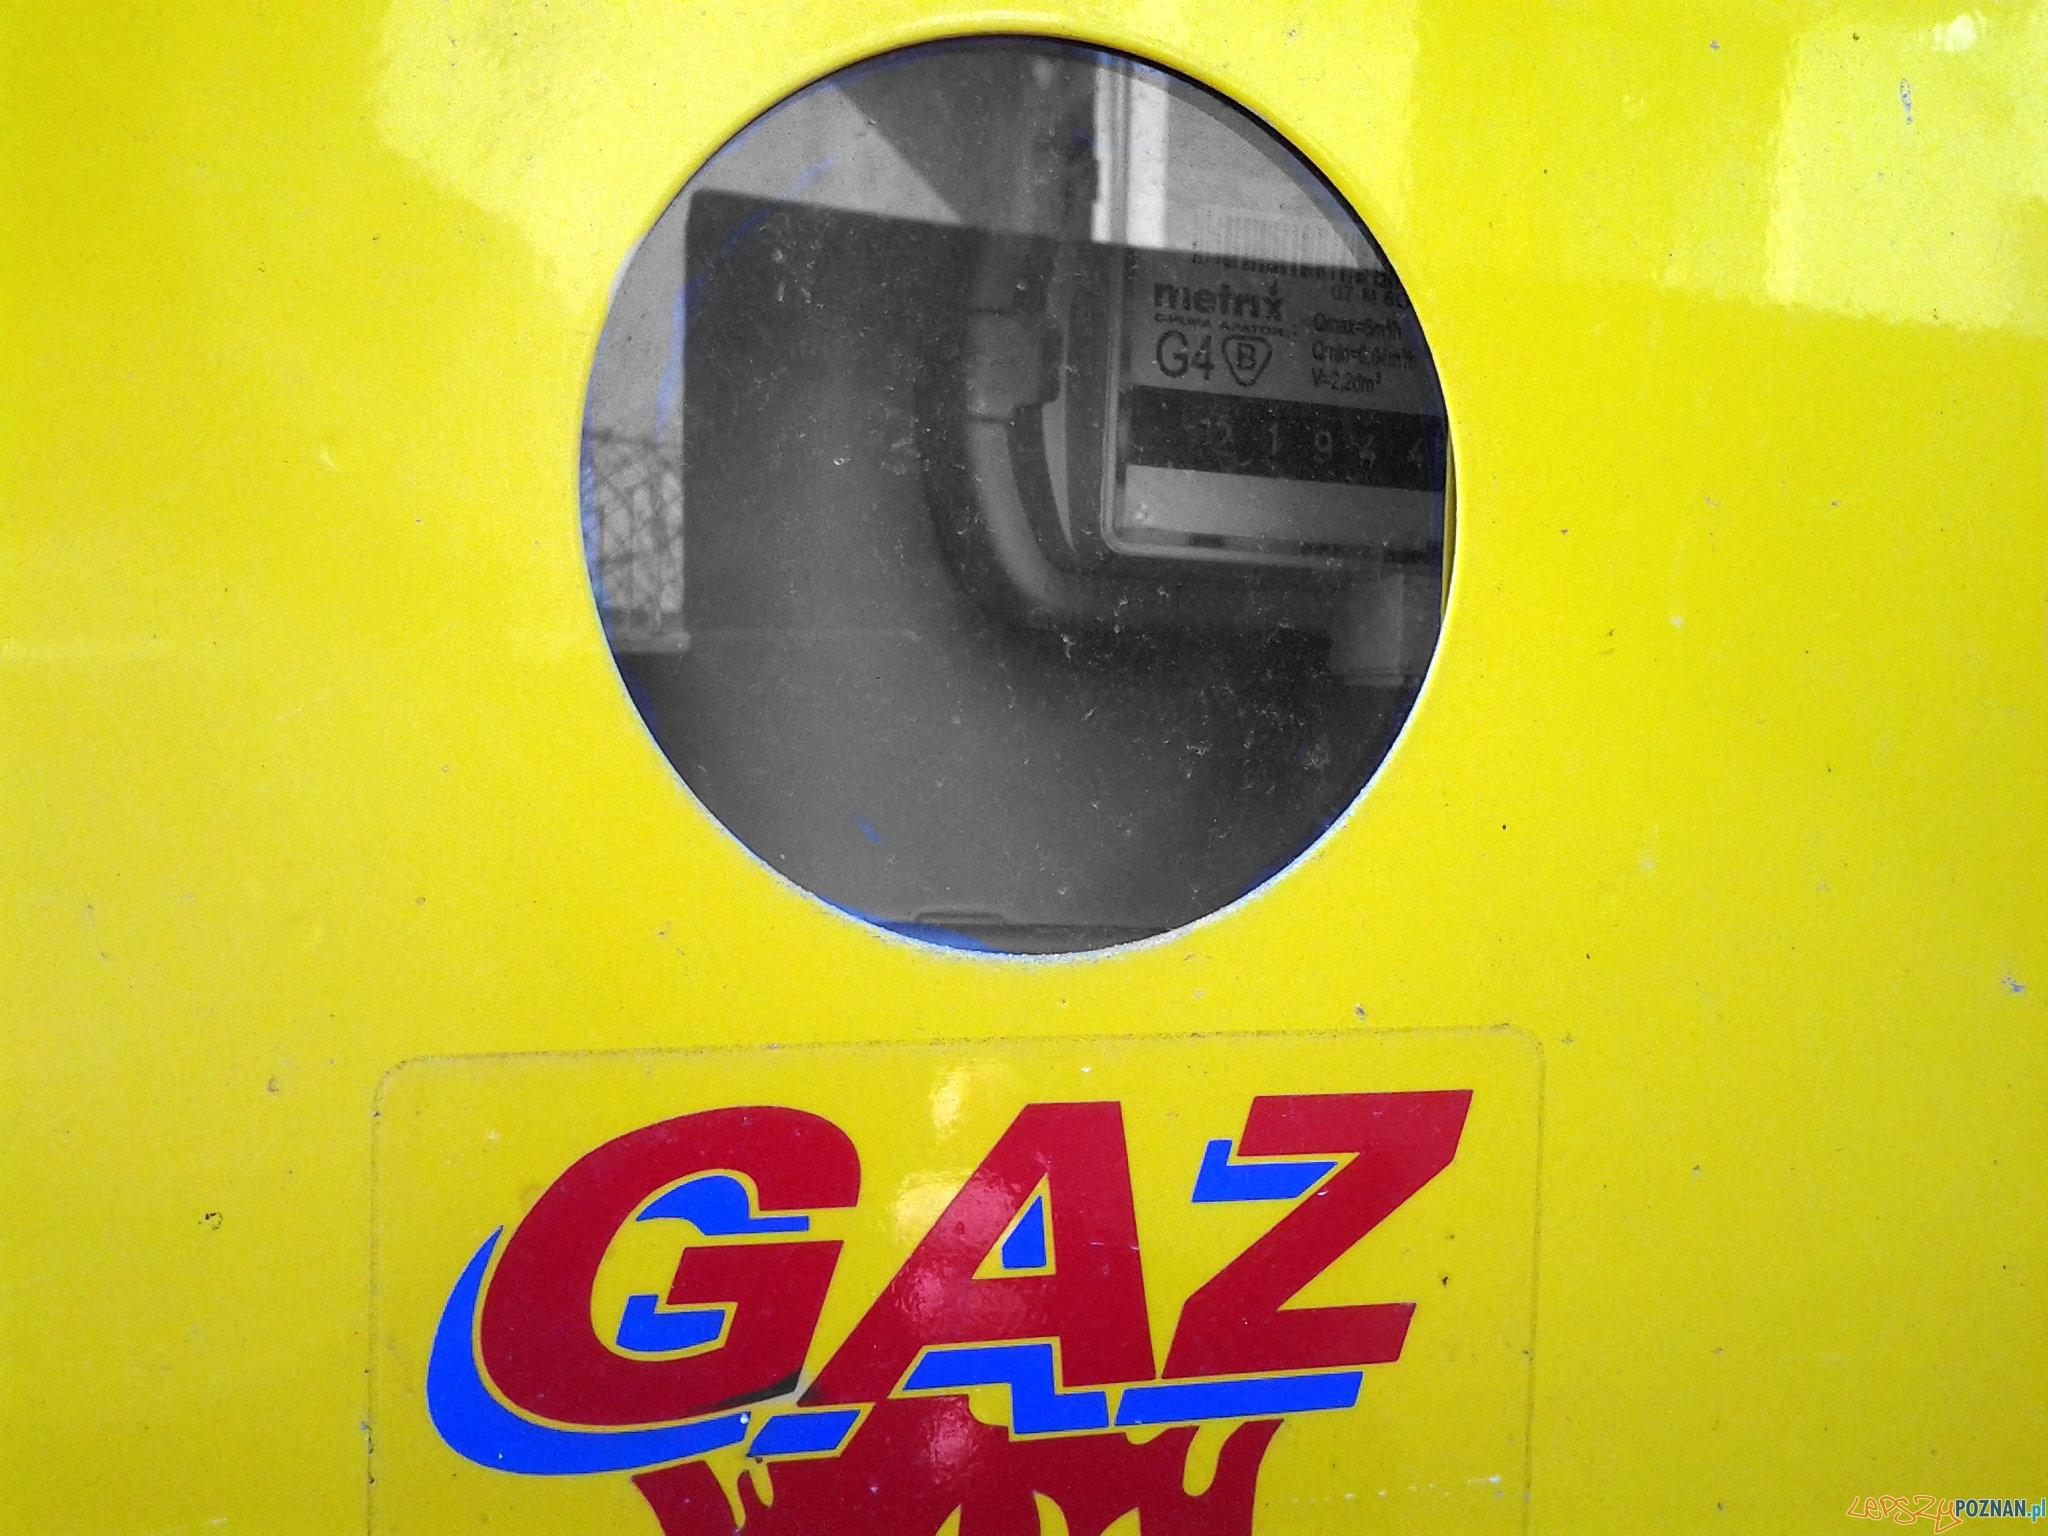 Licznik gazu  Foto: lepszyPOZNAN.pl / tab